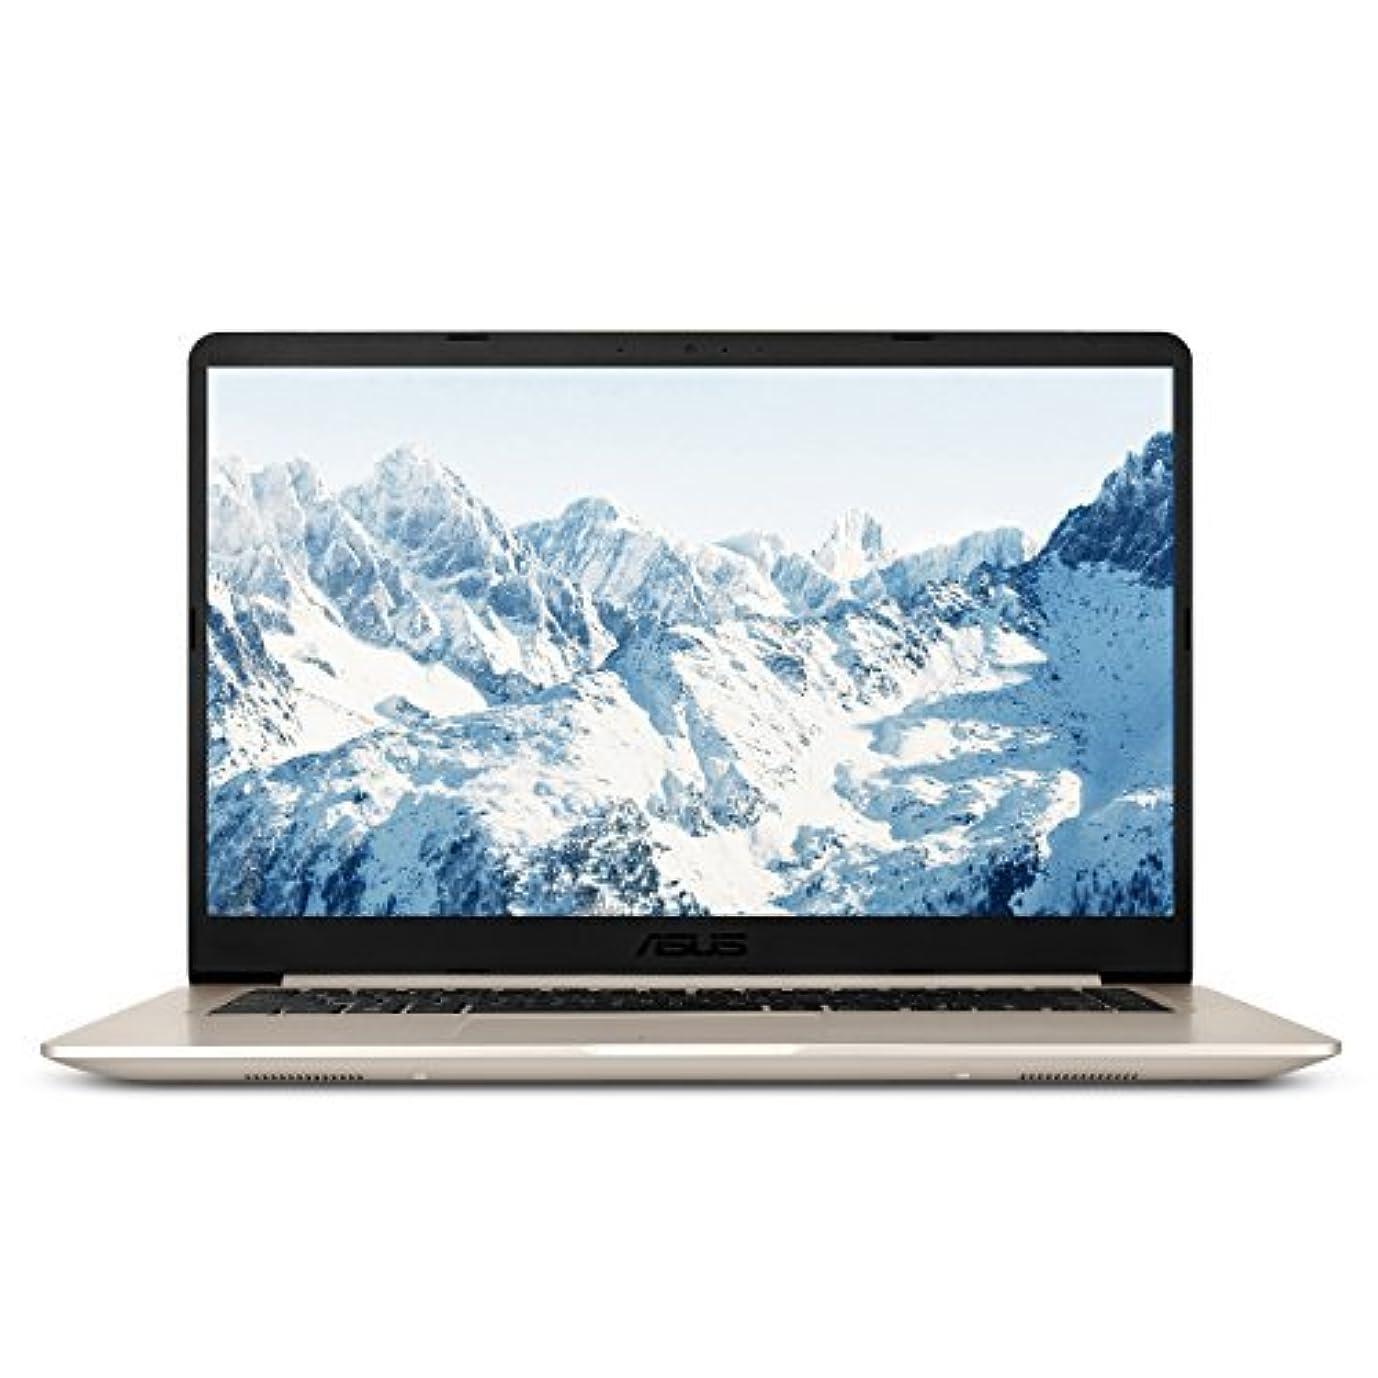 ネックレス手荷物カーフASUS VivoBook S Full HD Laptop Intel Core i7-8550U NVIDIA GeForce MX150 8GB RAM 256GB SSD + 1TB HDD Windows 10 15.6 S510UN-EH76 [並行輸入品]